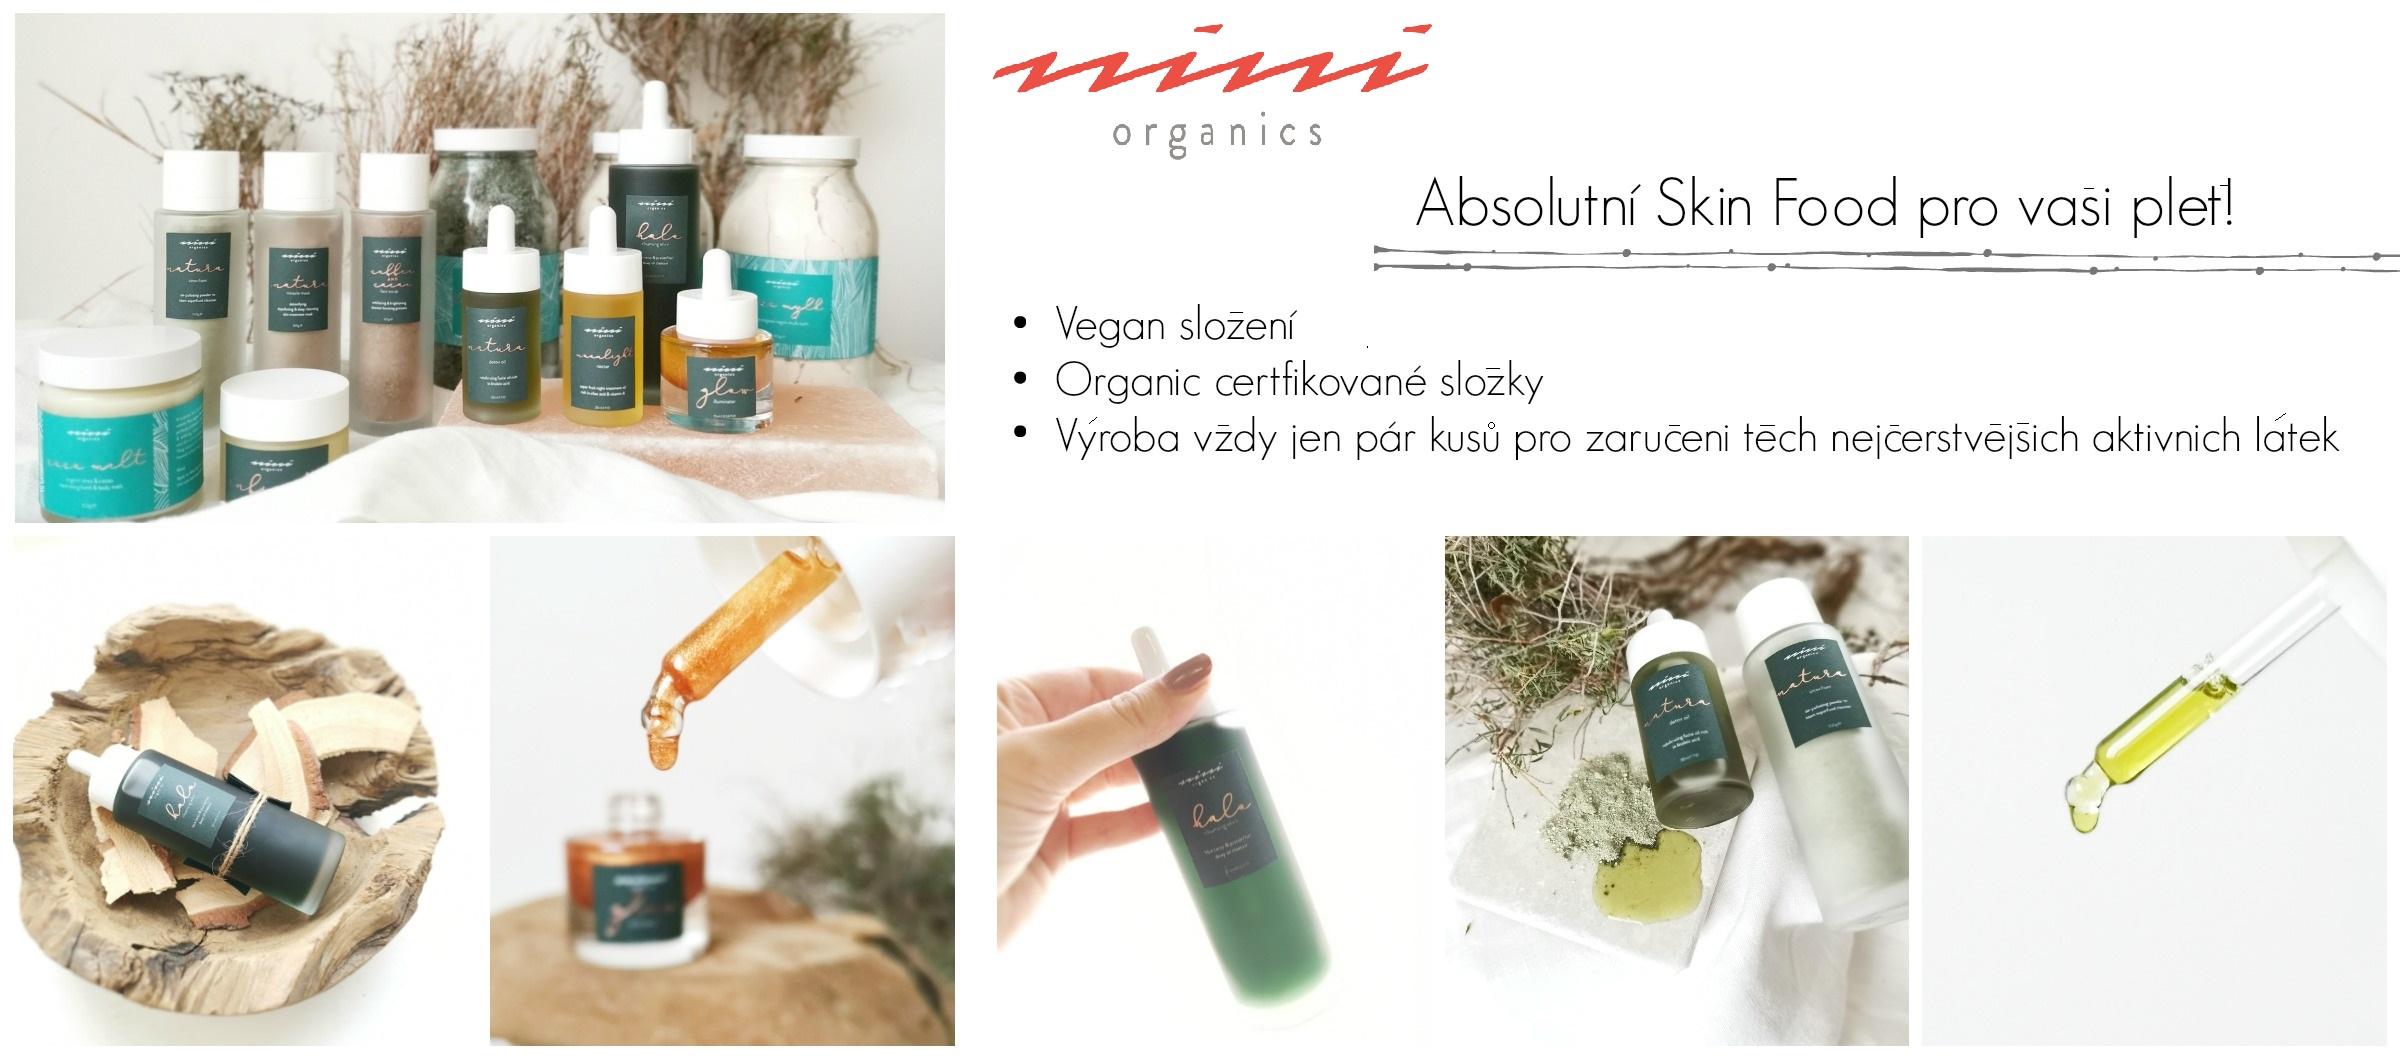 Vyskoušejte absolutní Skin Food pro vaši pleť